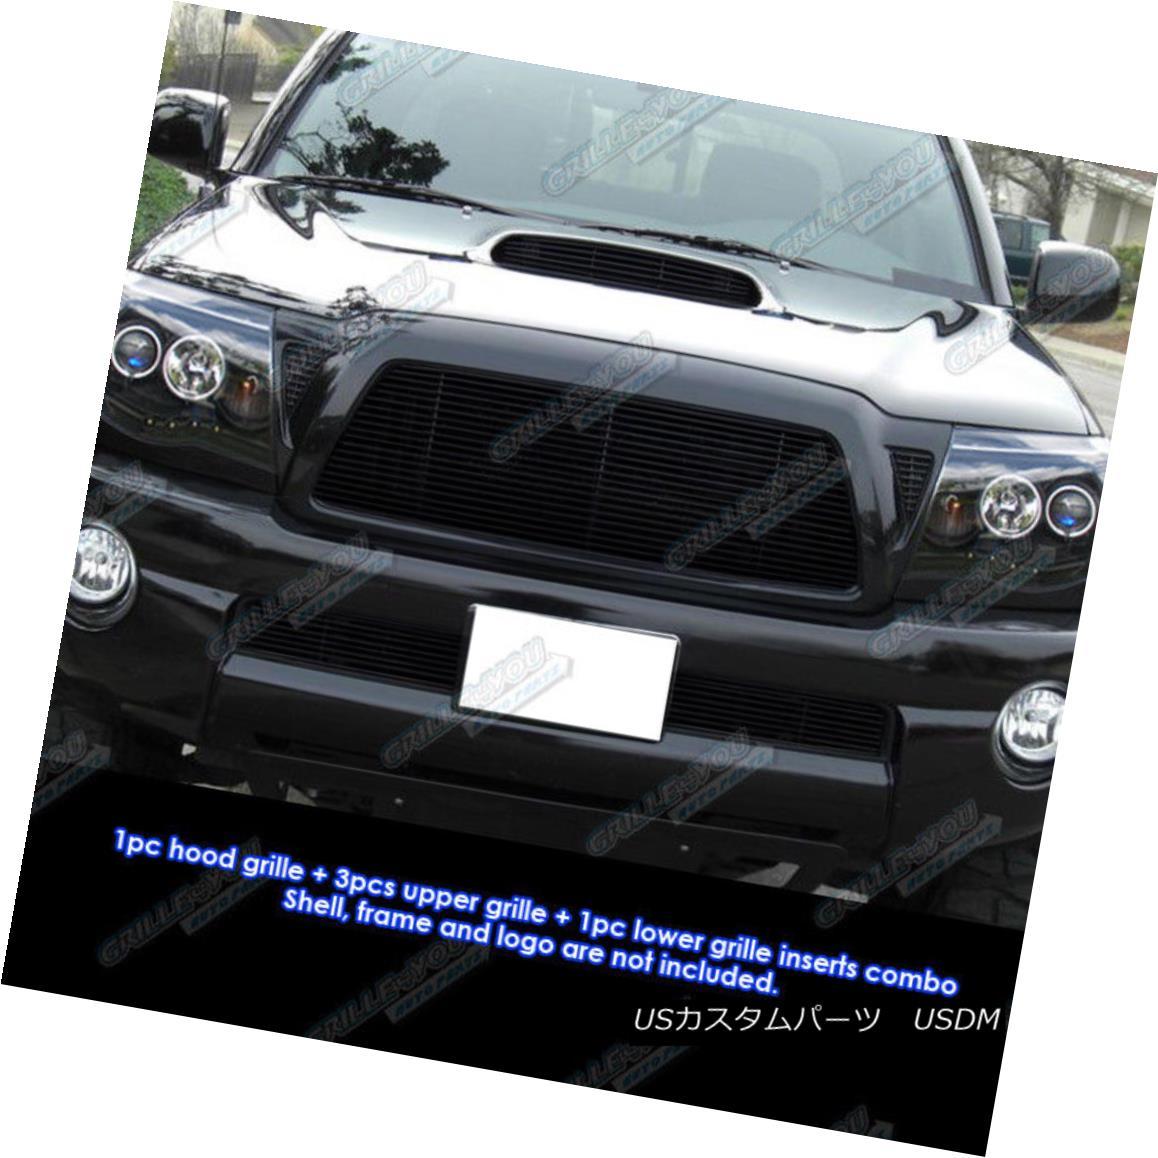 グリル Fits 2005-2010 Toyota Tacoma TRD Sport Black Billet Grille Grill Combo Insert フィット2005-2010トヨタタコマTRDスポーツブラックビレットグリルグリルコンボインサート